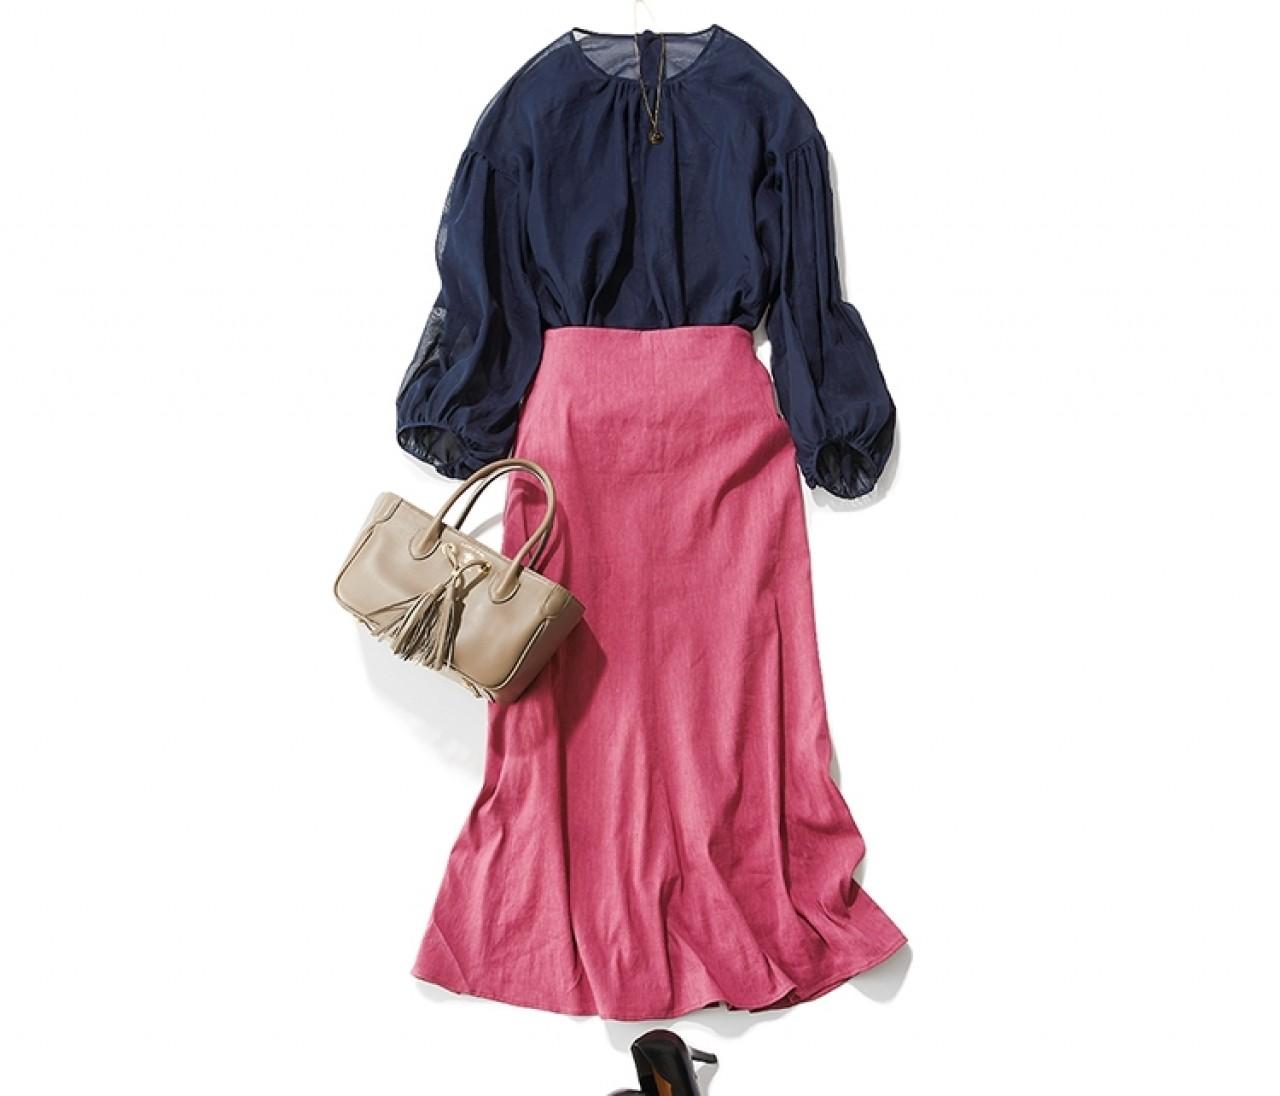 サロンコンサートに行く日は、透けネイビーのブラウスをピンクスカートで華やげて【2019/7/15のコーデ】